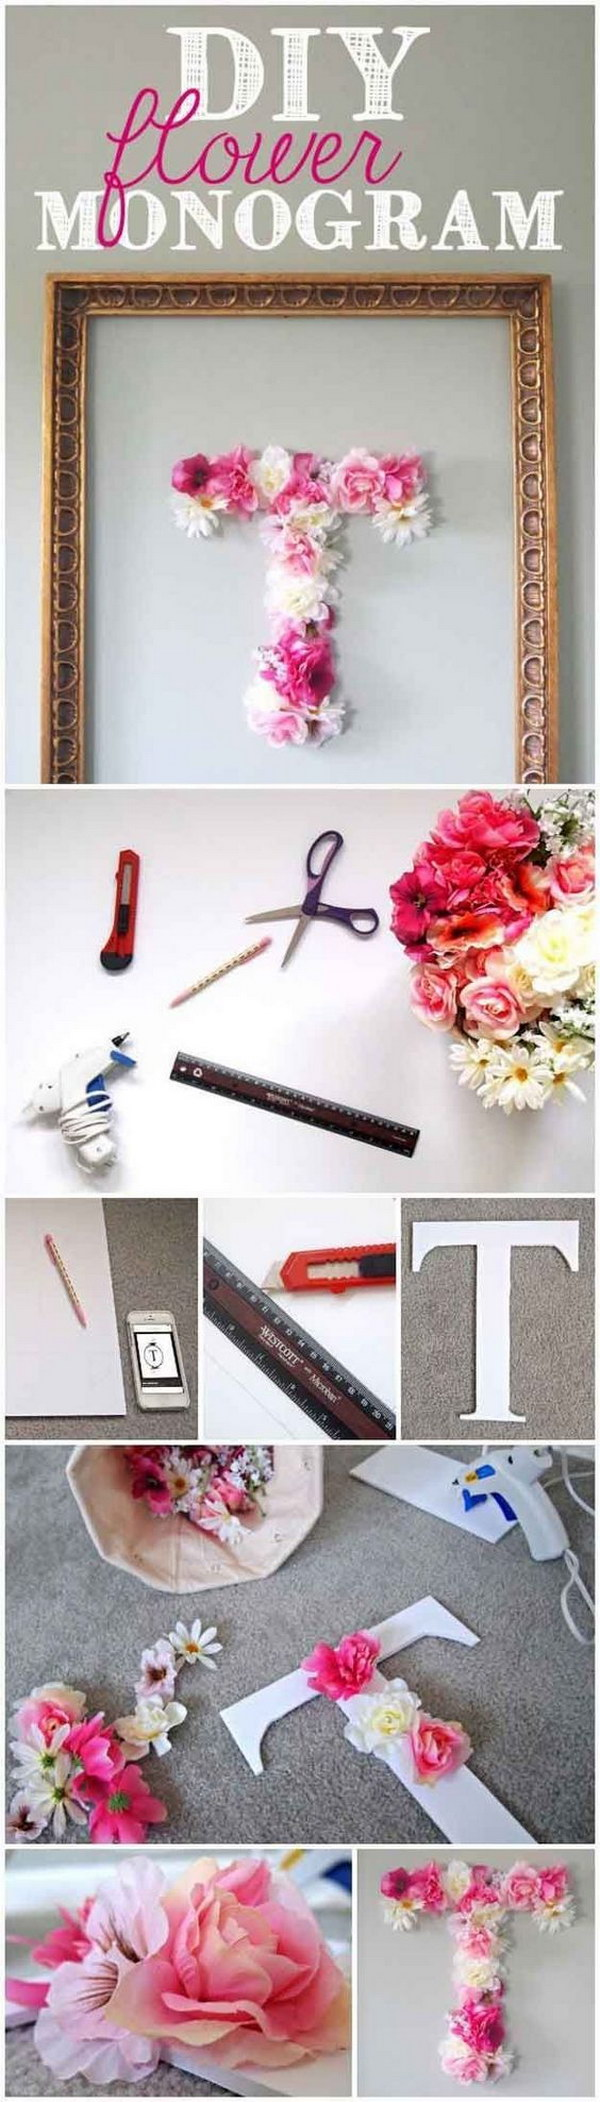 Cool Teenage Girl Bedroom Decorating Ideas on Teenage Decor  id=91133